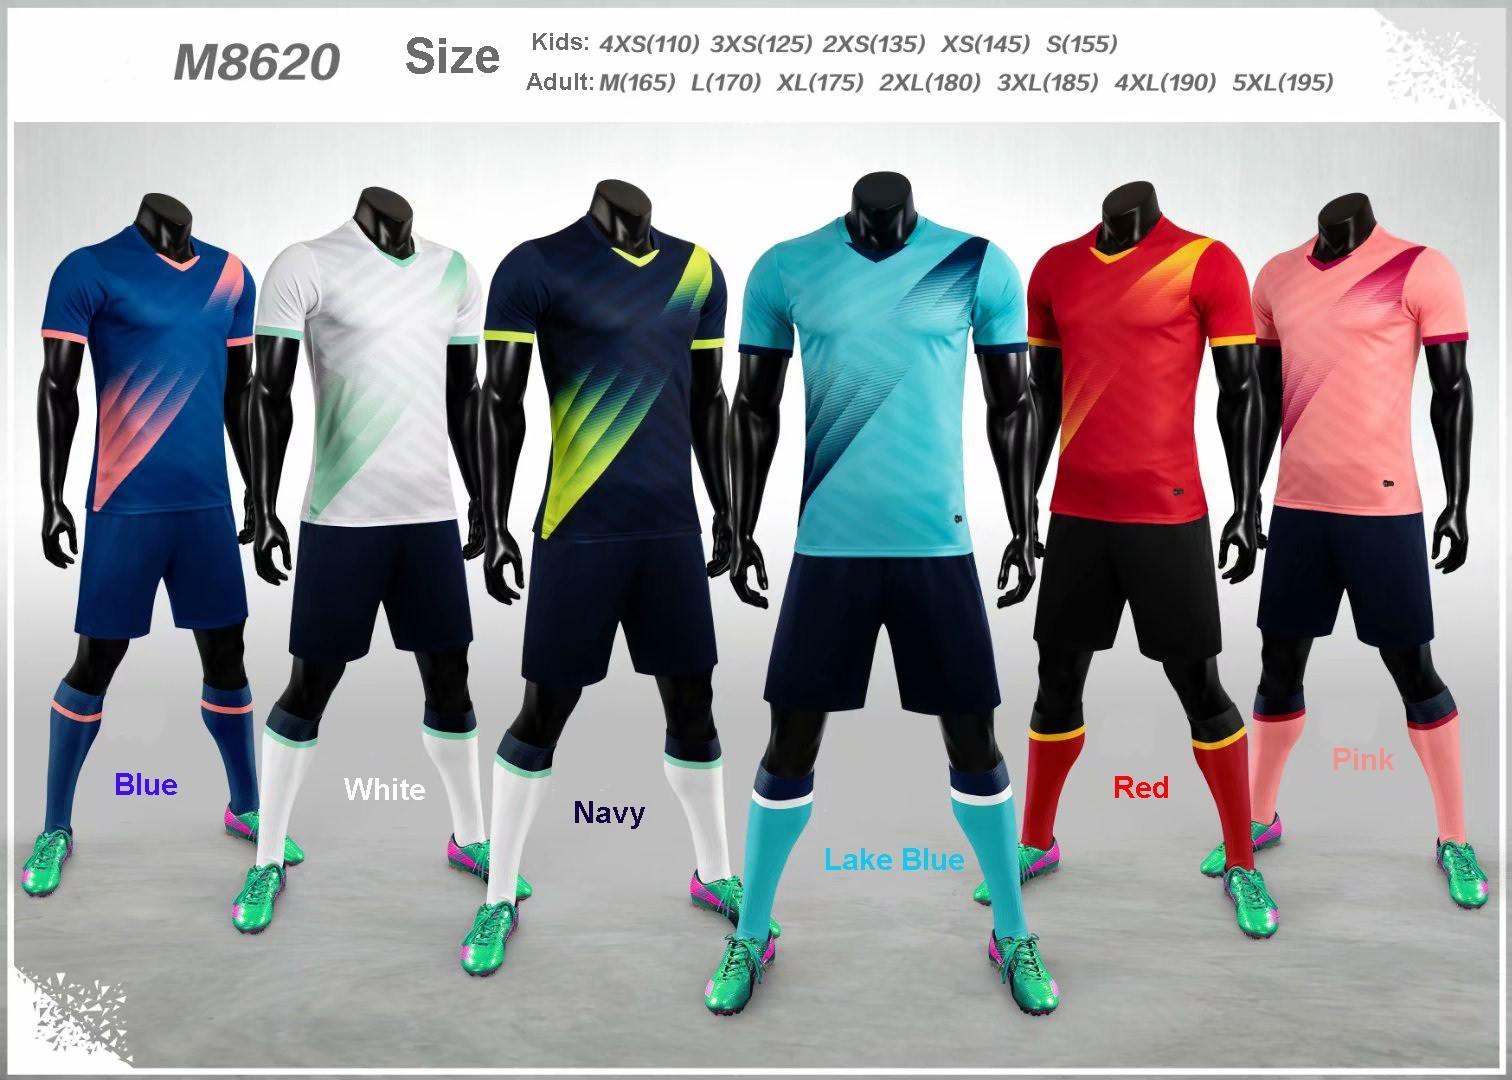 Boş 19-20 Yetişkin Çocuk Futbol Jersey Takımı Seti Özelleştirilmiş Futbol Takımı Eğitim Üniformalar Seti camiseta de futbol M8620